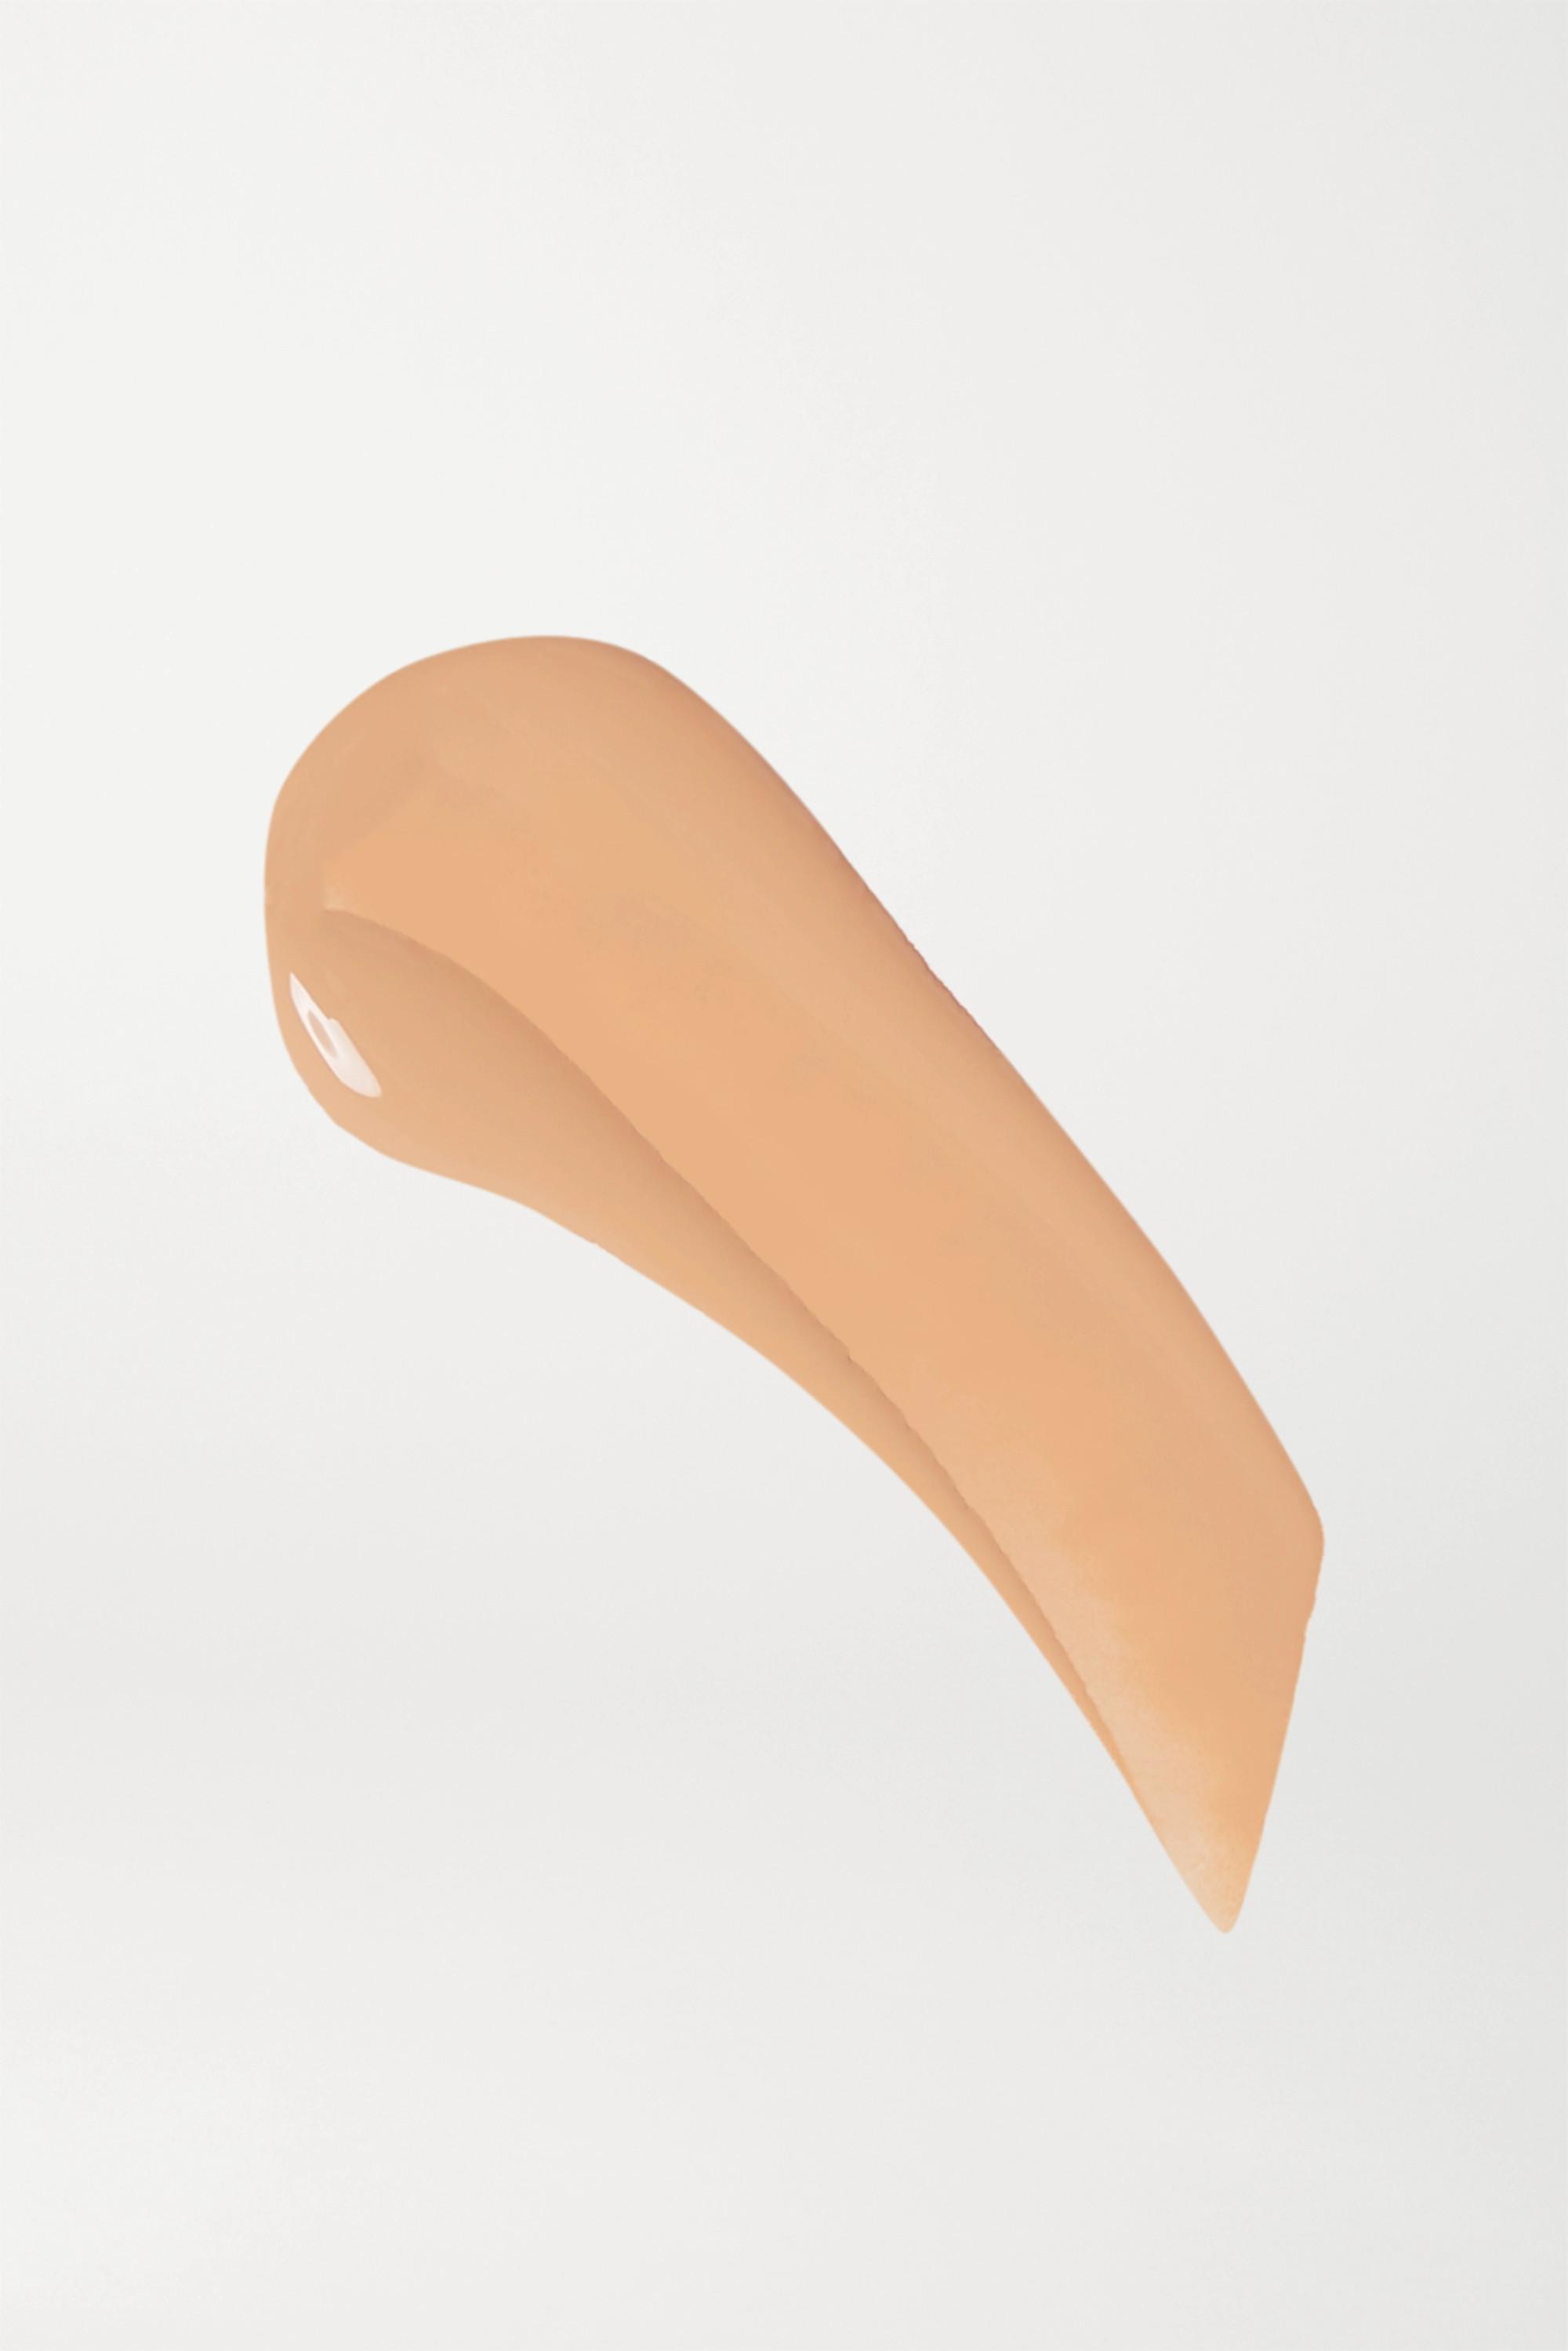 Bobbi Brown Skin Long-Wear Fluid Powder Foundation LSF 20 – Cool Beige – Foundation